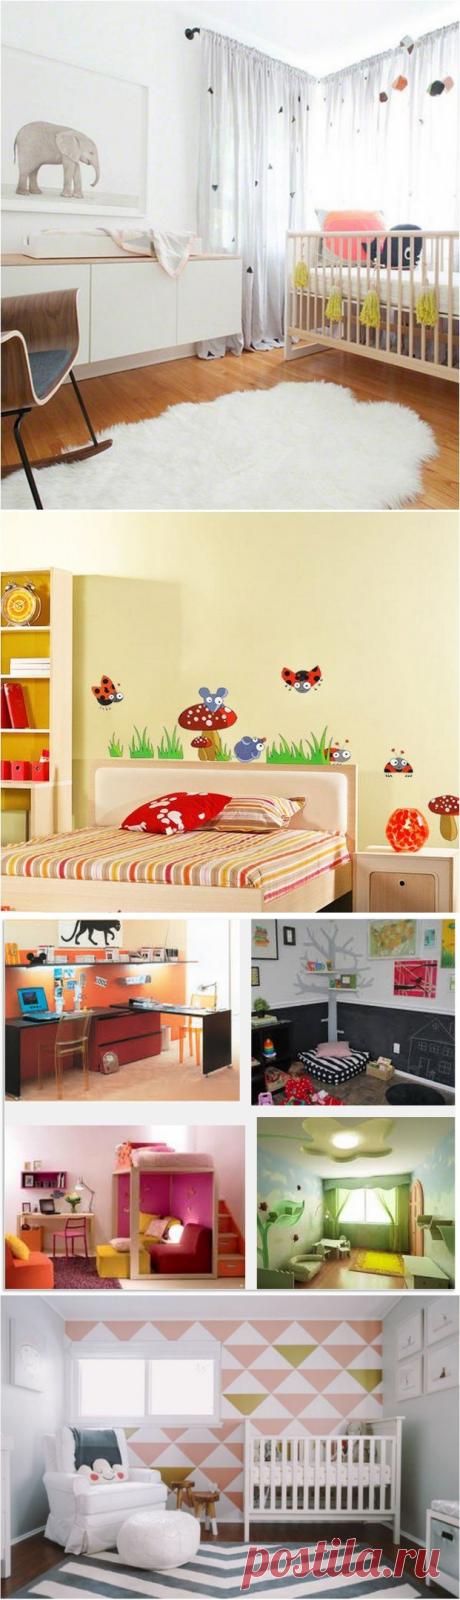 Современные идеи дизайна для детской комнаты